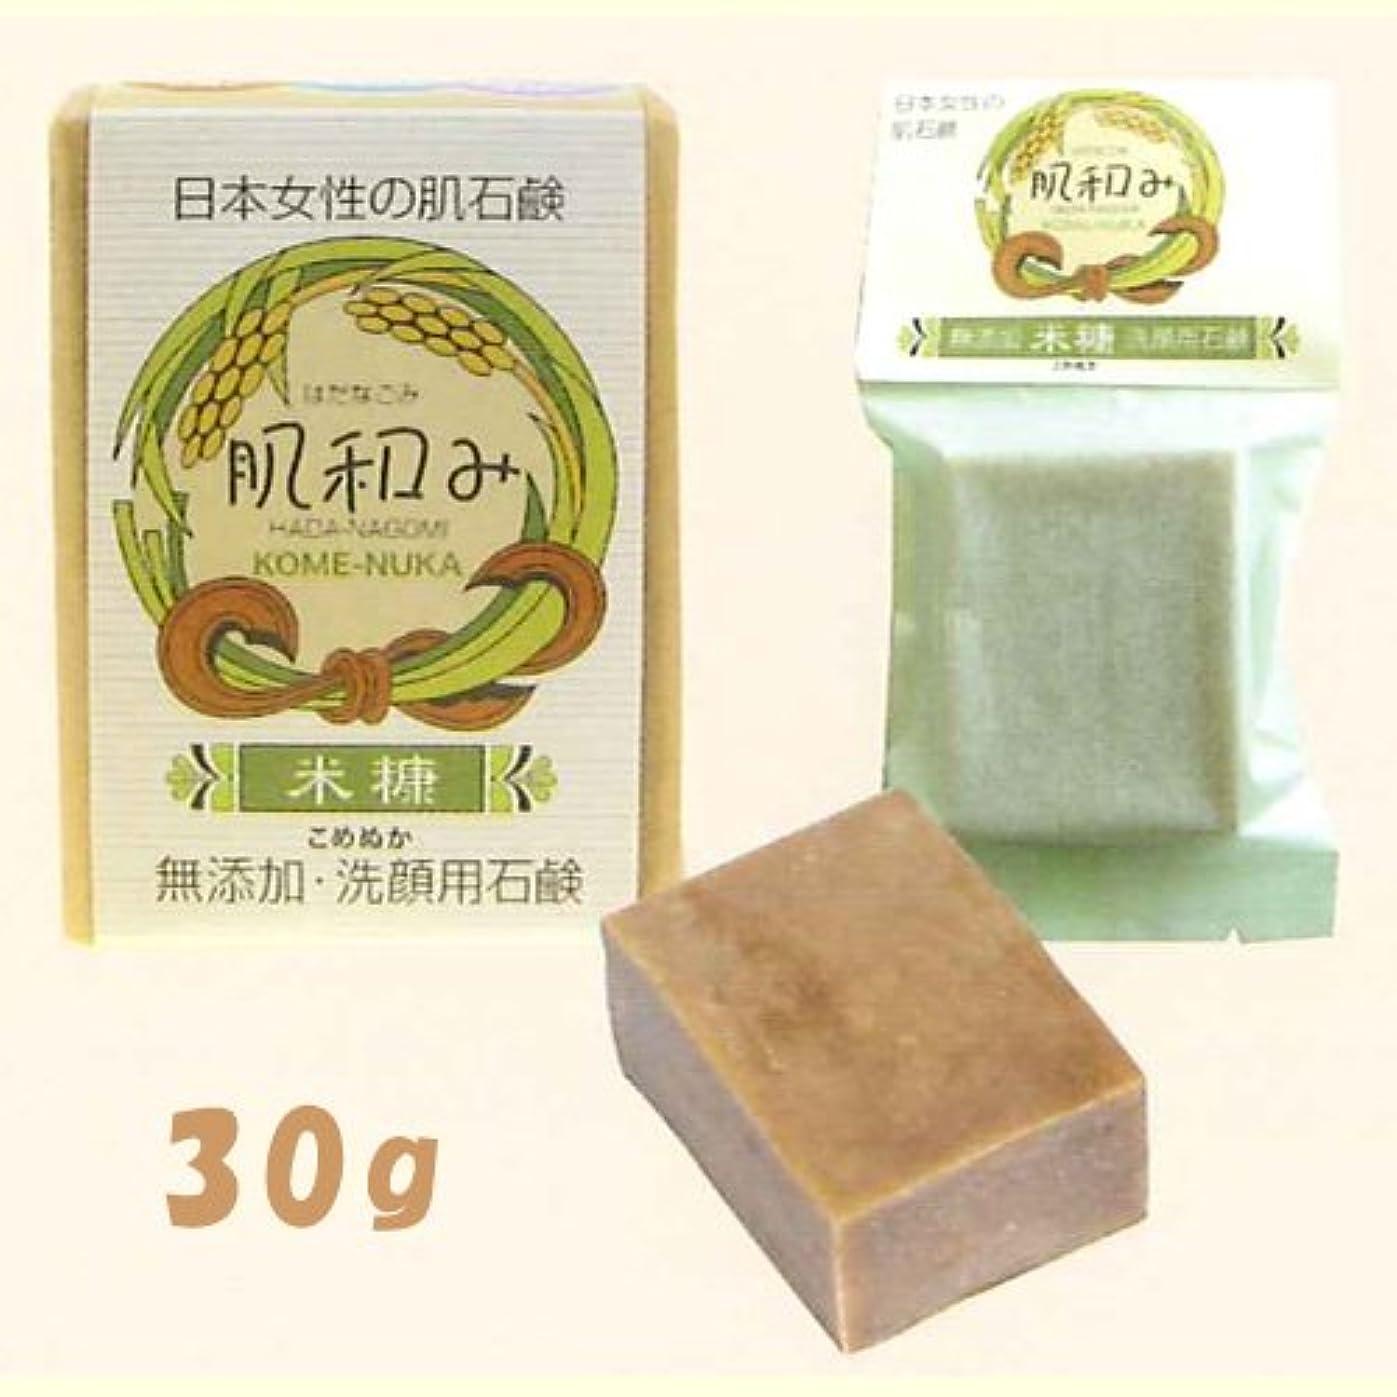 ブルーベルミトンパターン米糠石鹸 肌和み 無添加ソープ 30g